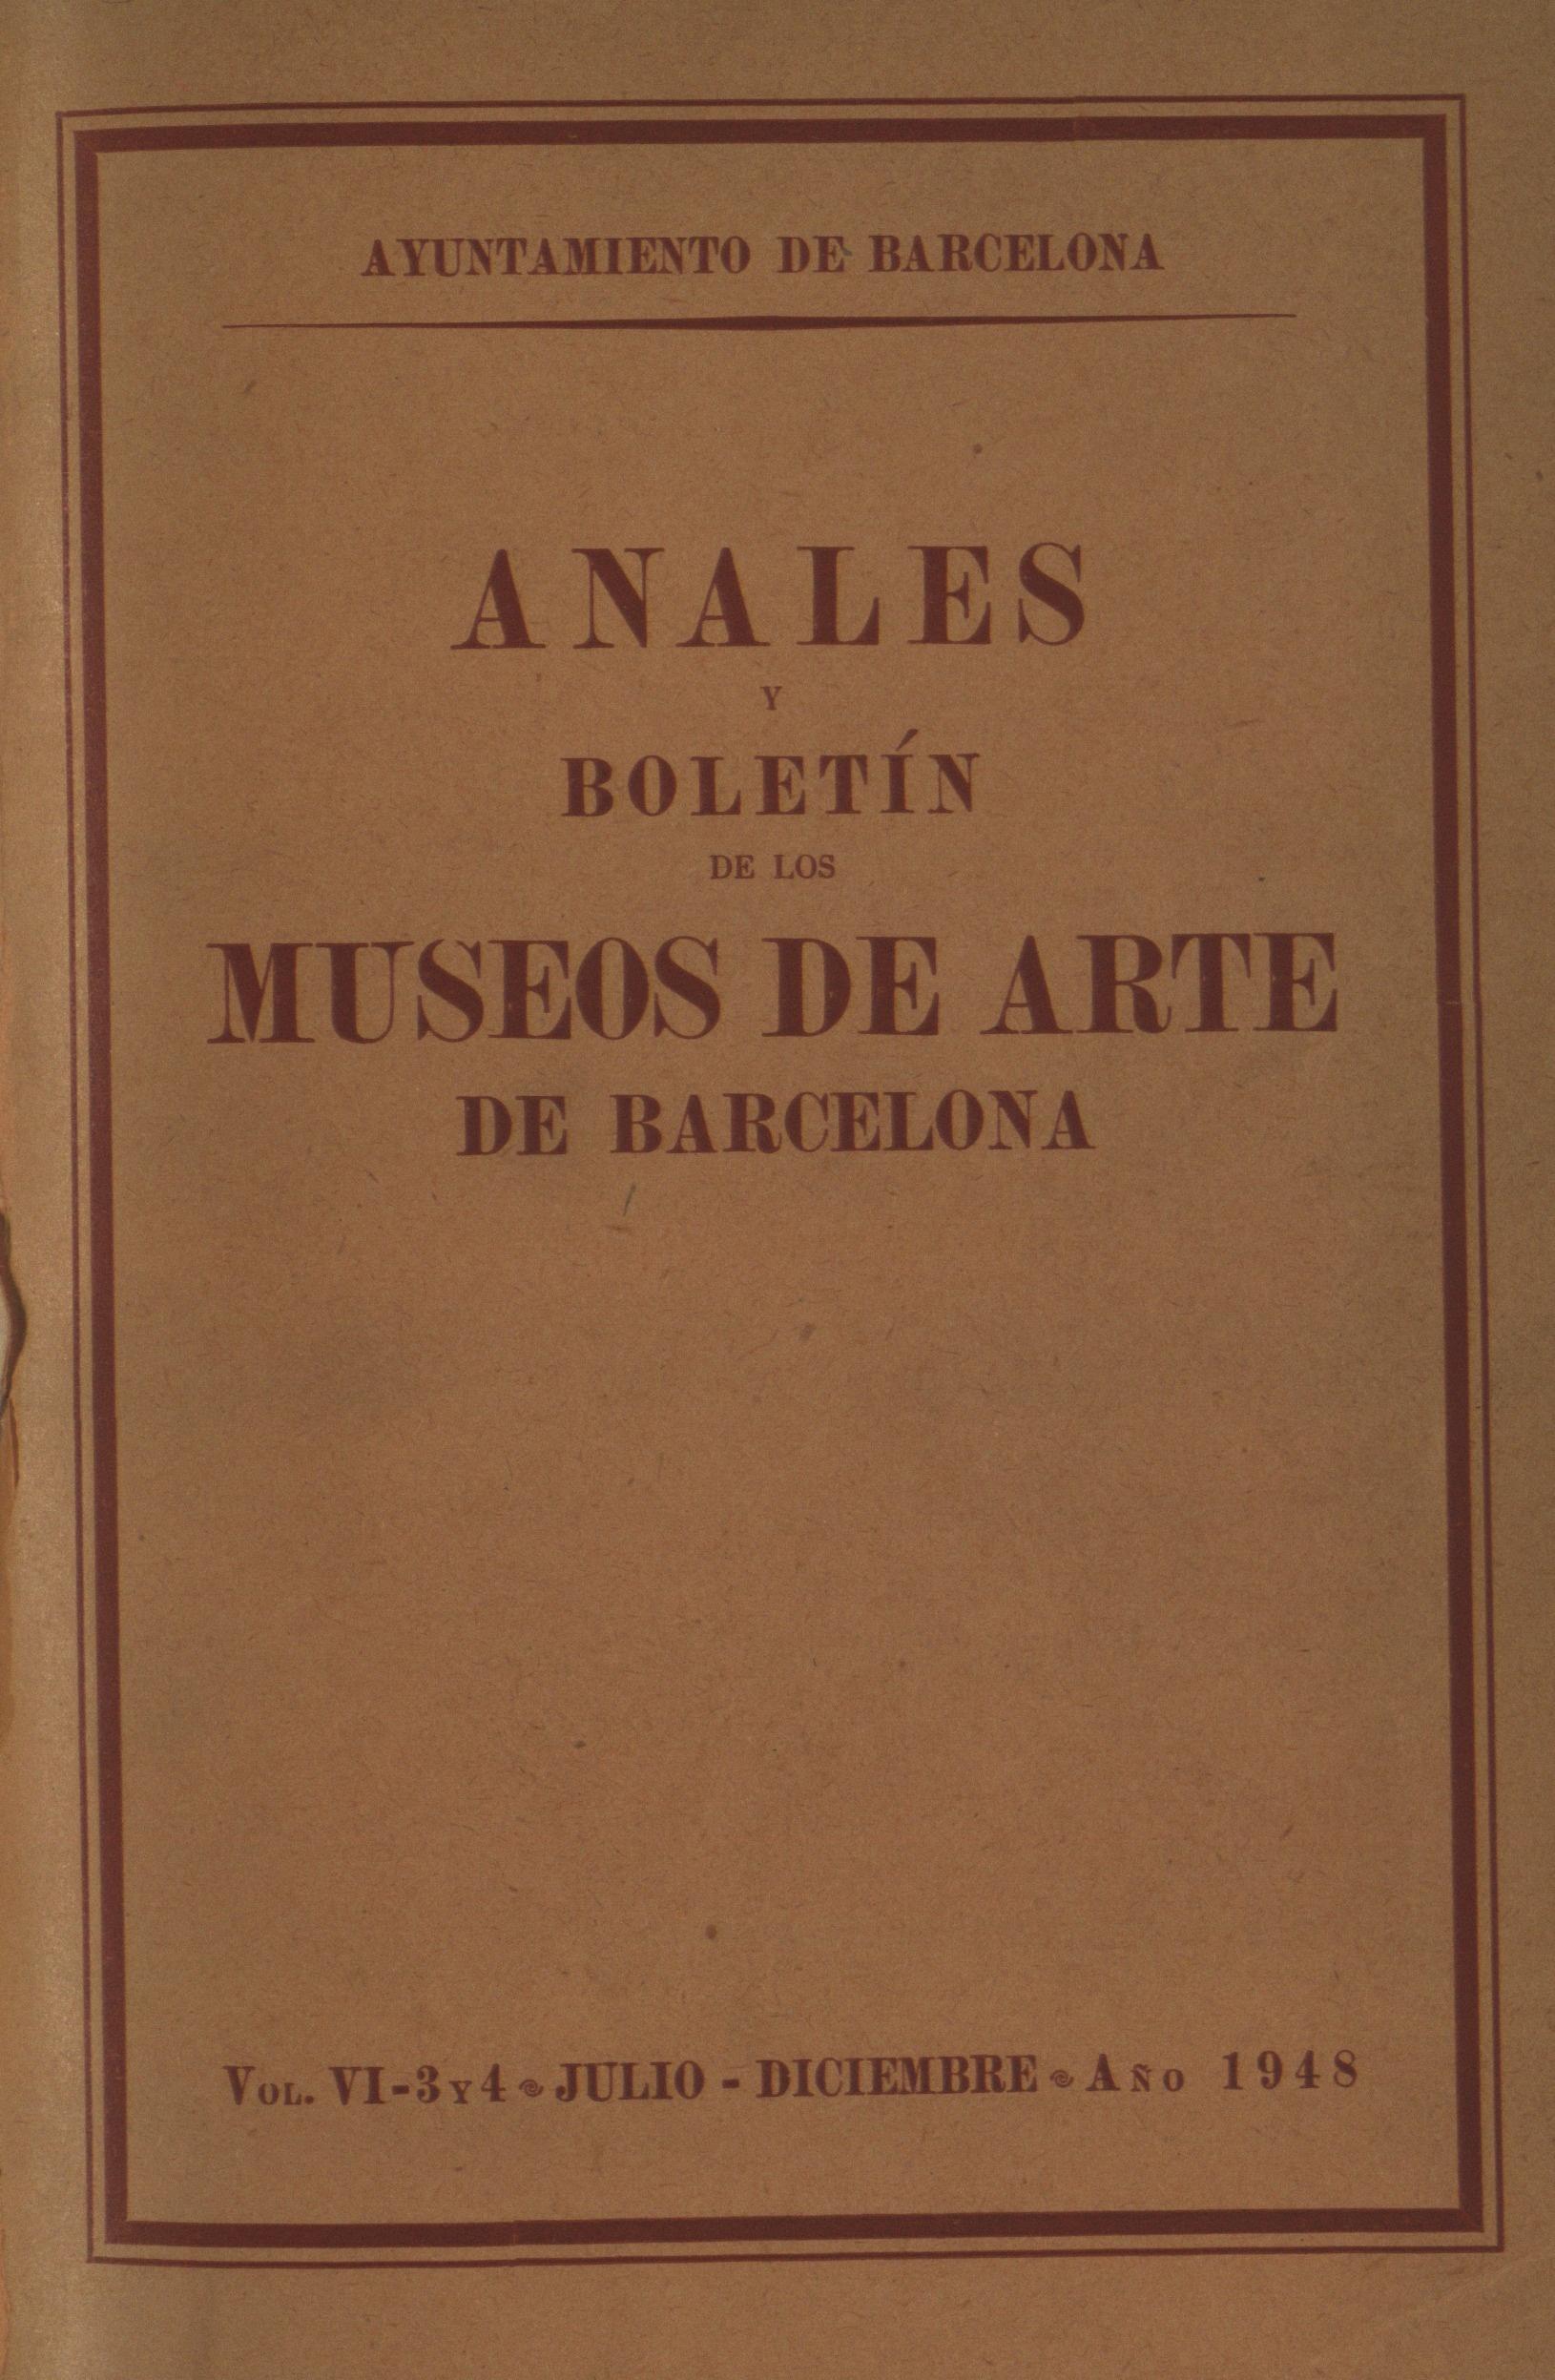 Vol. 6, núm. 3-4 (1948)